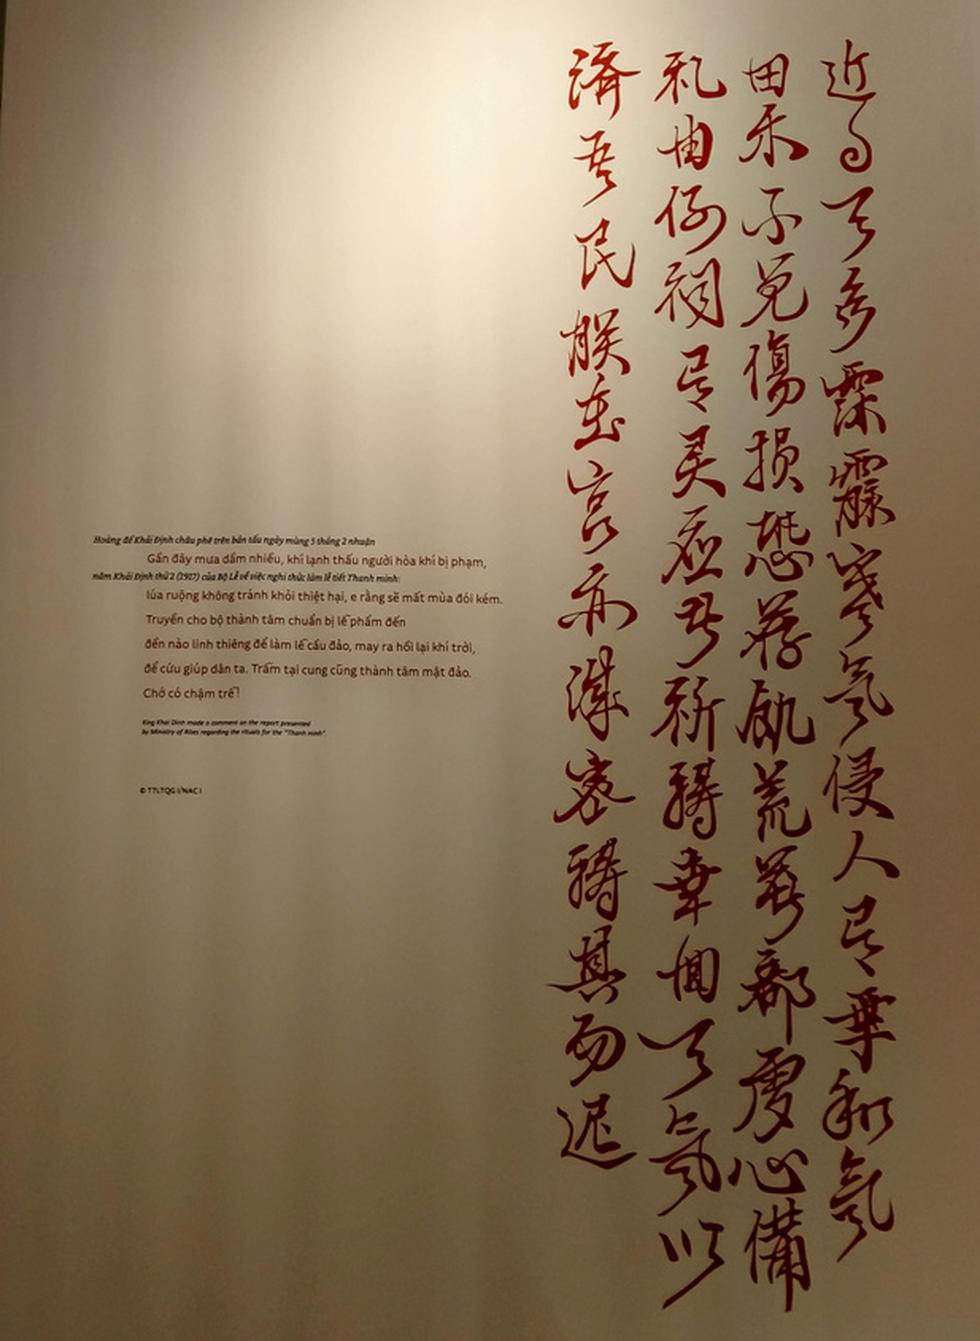 Xem cách hoàng đế triều Nguyễn trừ quan tham, nuôi dưỡng chúng dân - Ảnh 9.